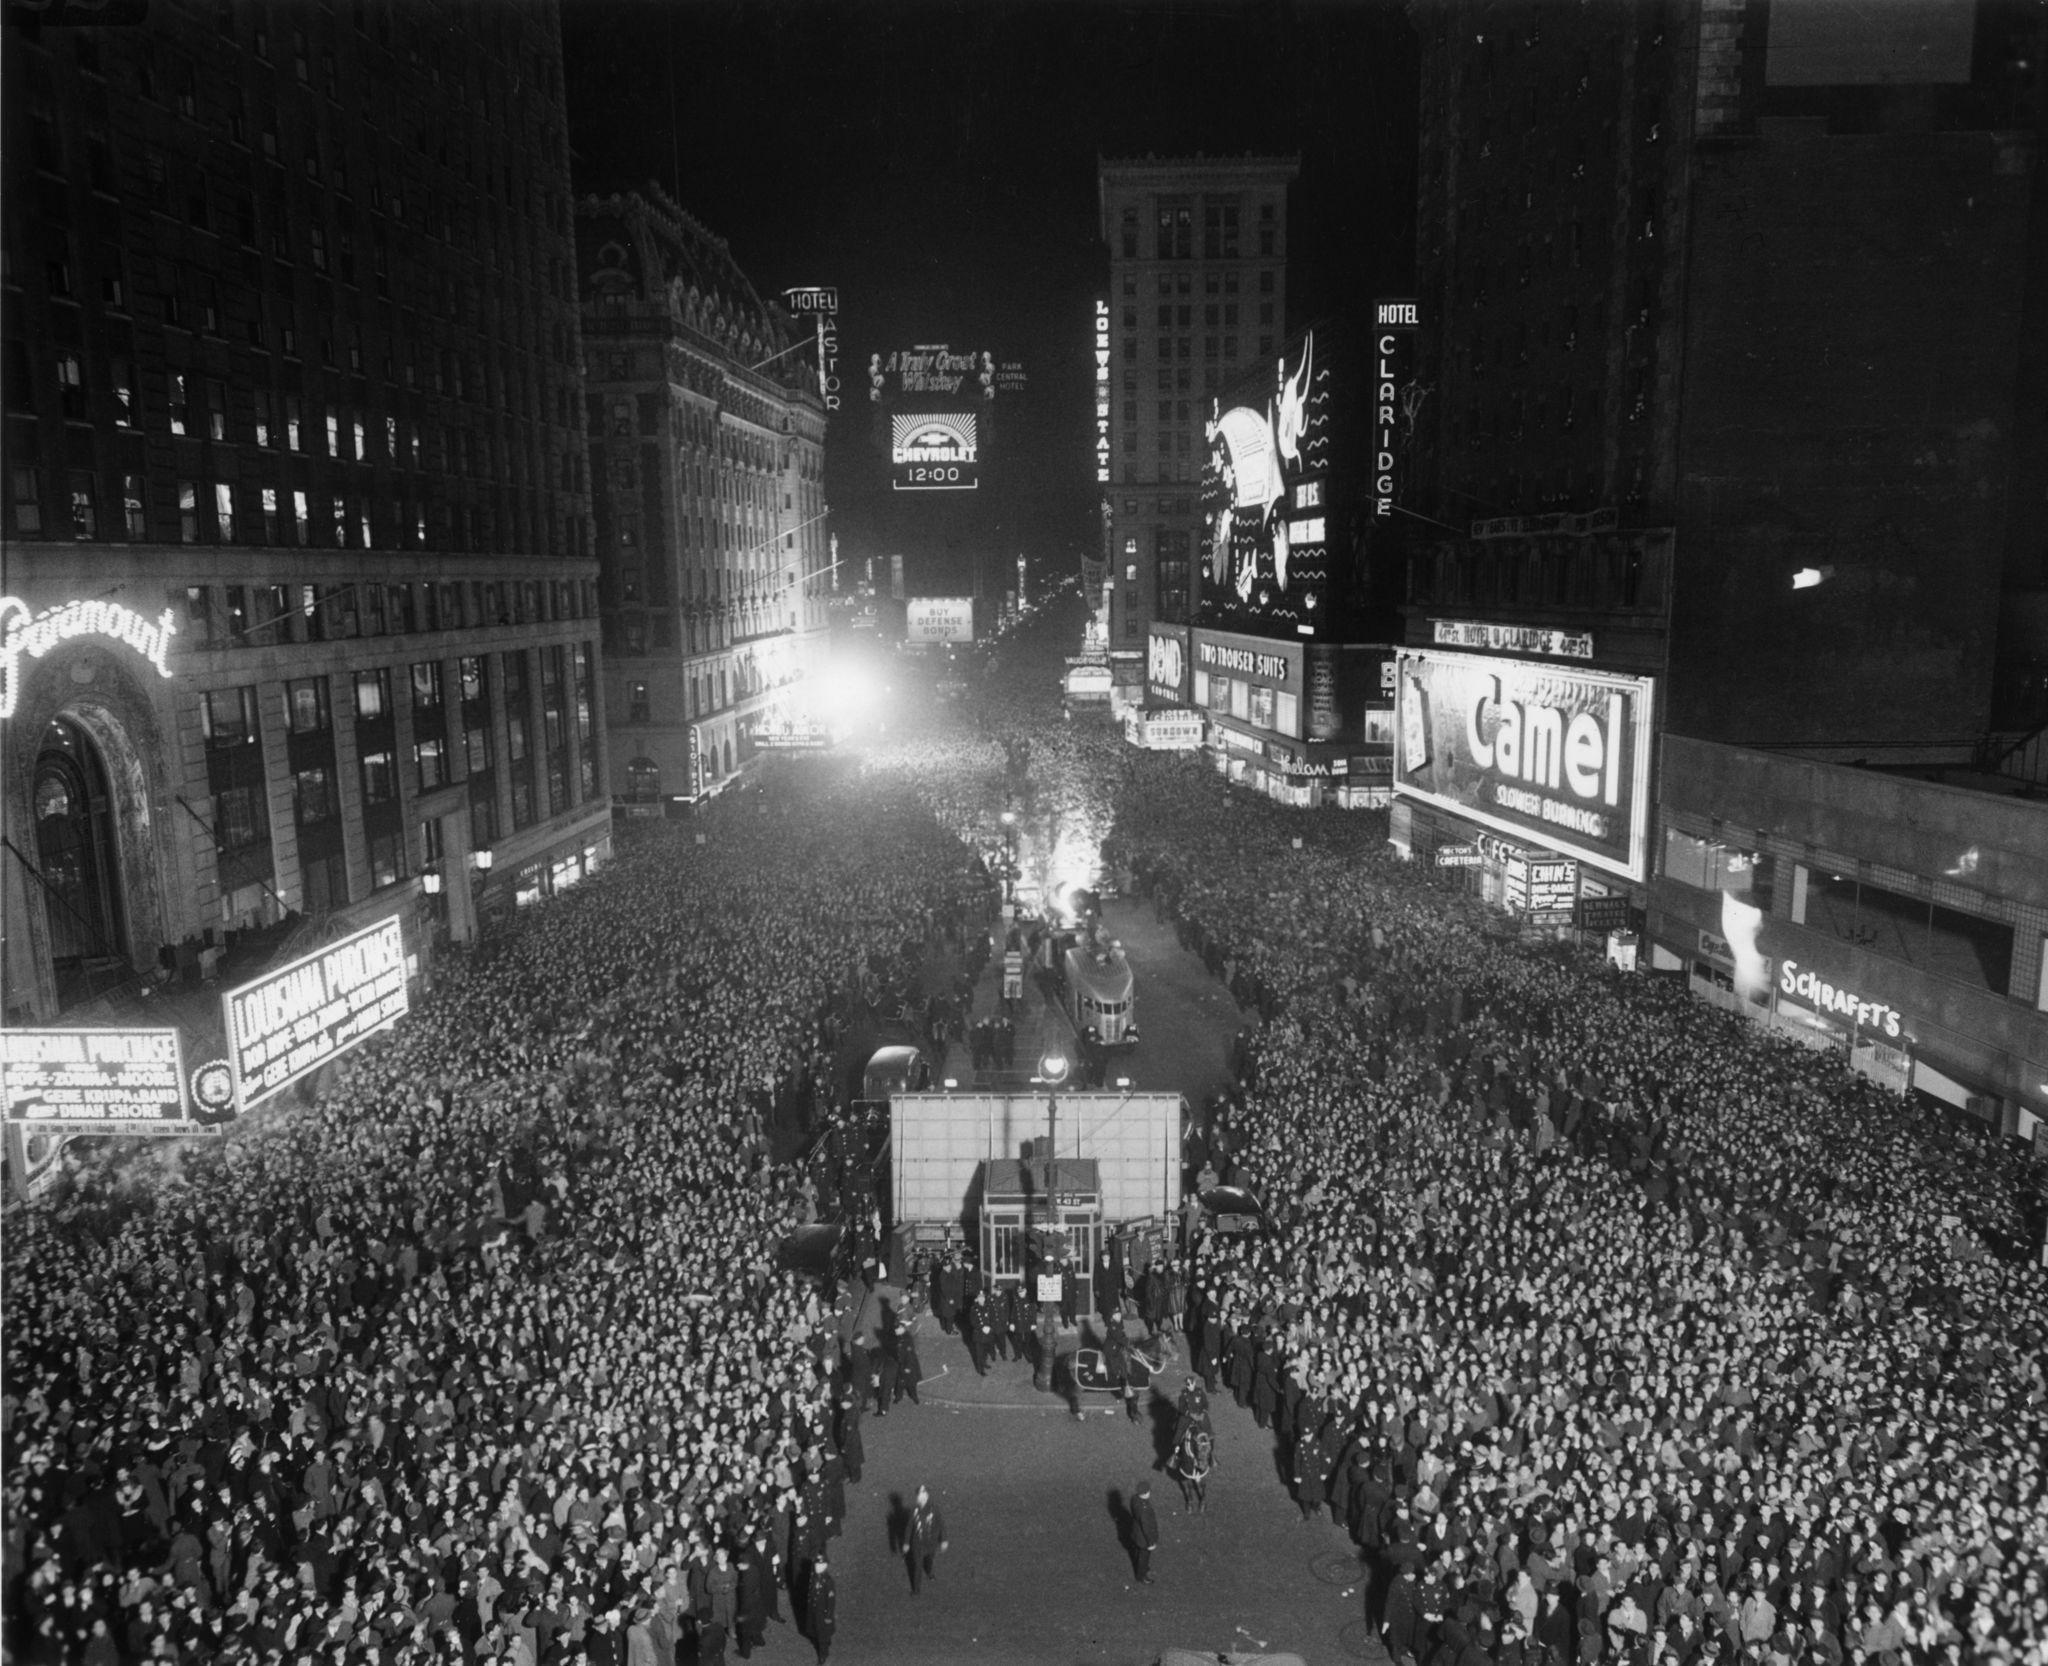 1942. Вид толпы, собирающейся в полночь на Таймс-сквер,в канун Нового года в Нью-Йорке.jpg